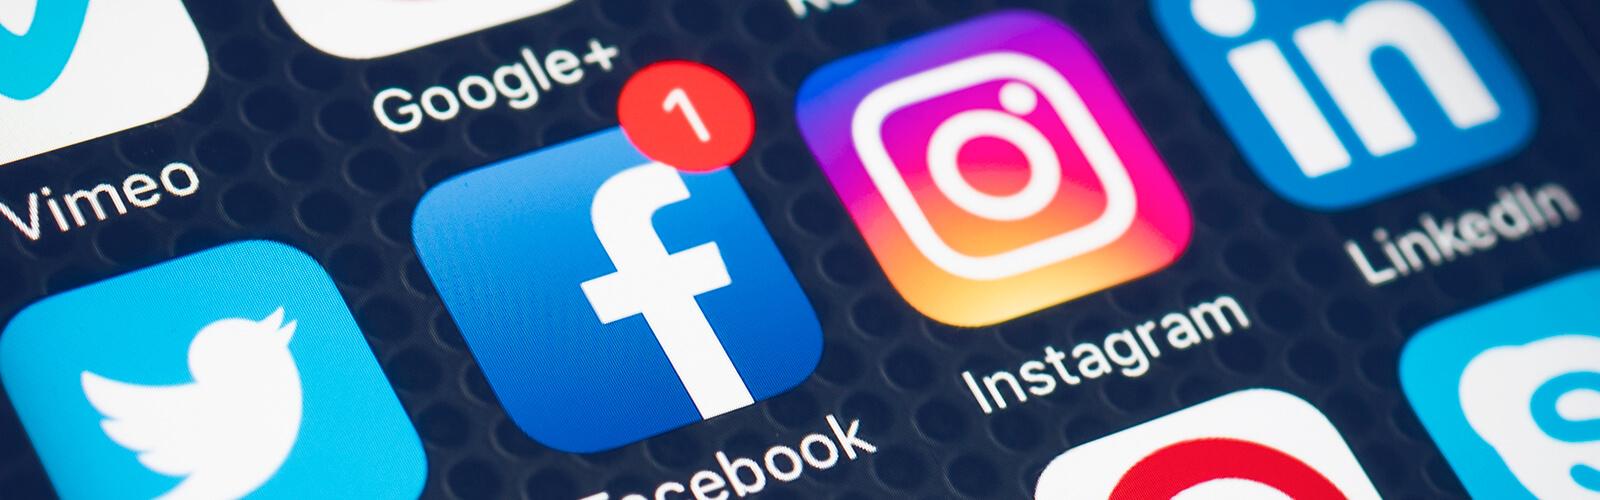 como divulgar meu negócio nas redes sociais